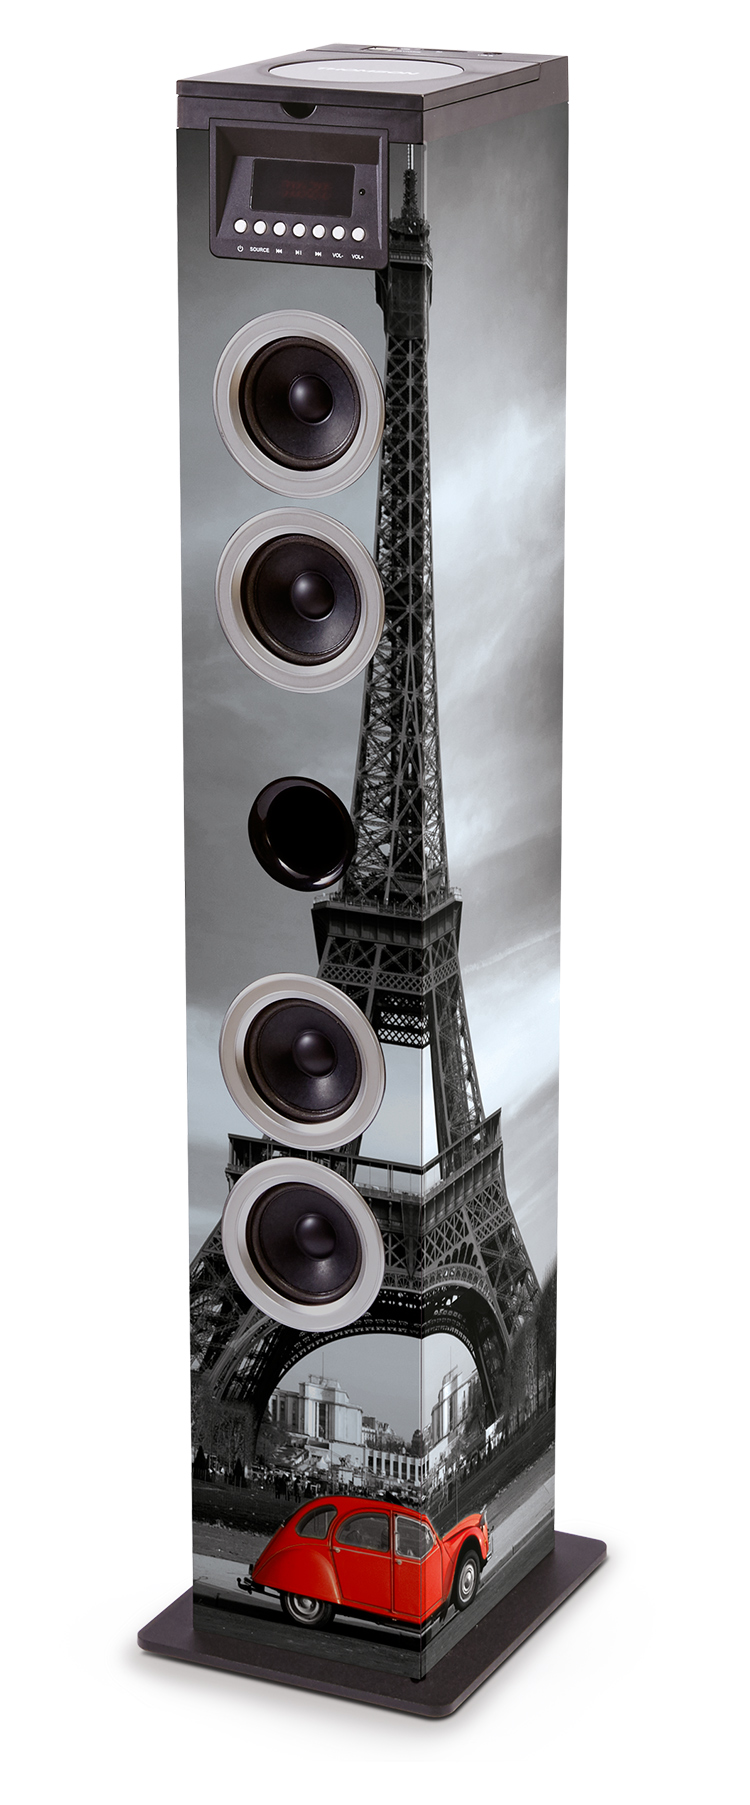 Tour multimédia/lecteur CD - Packshot